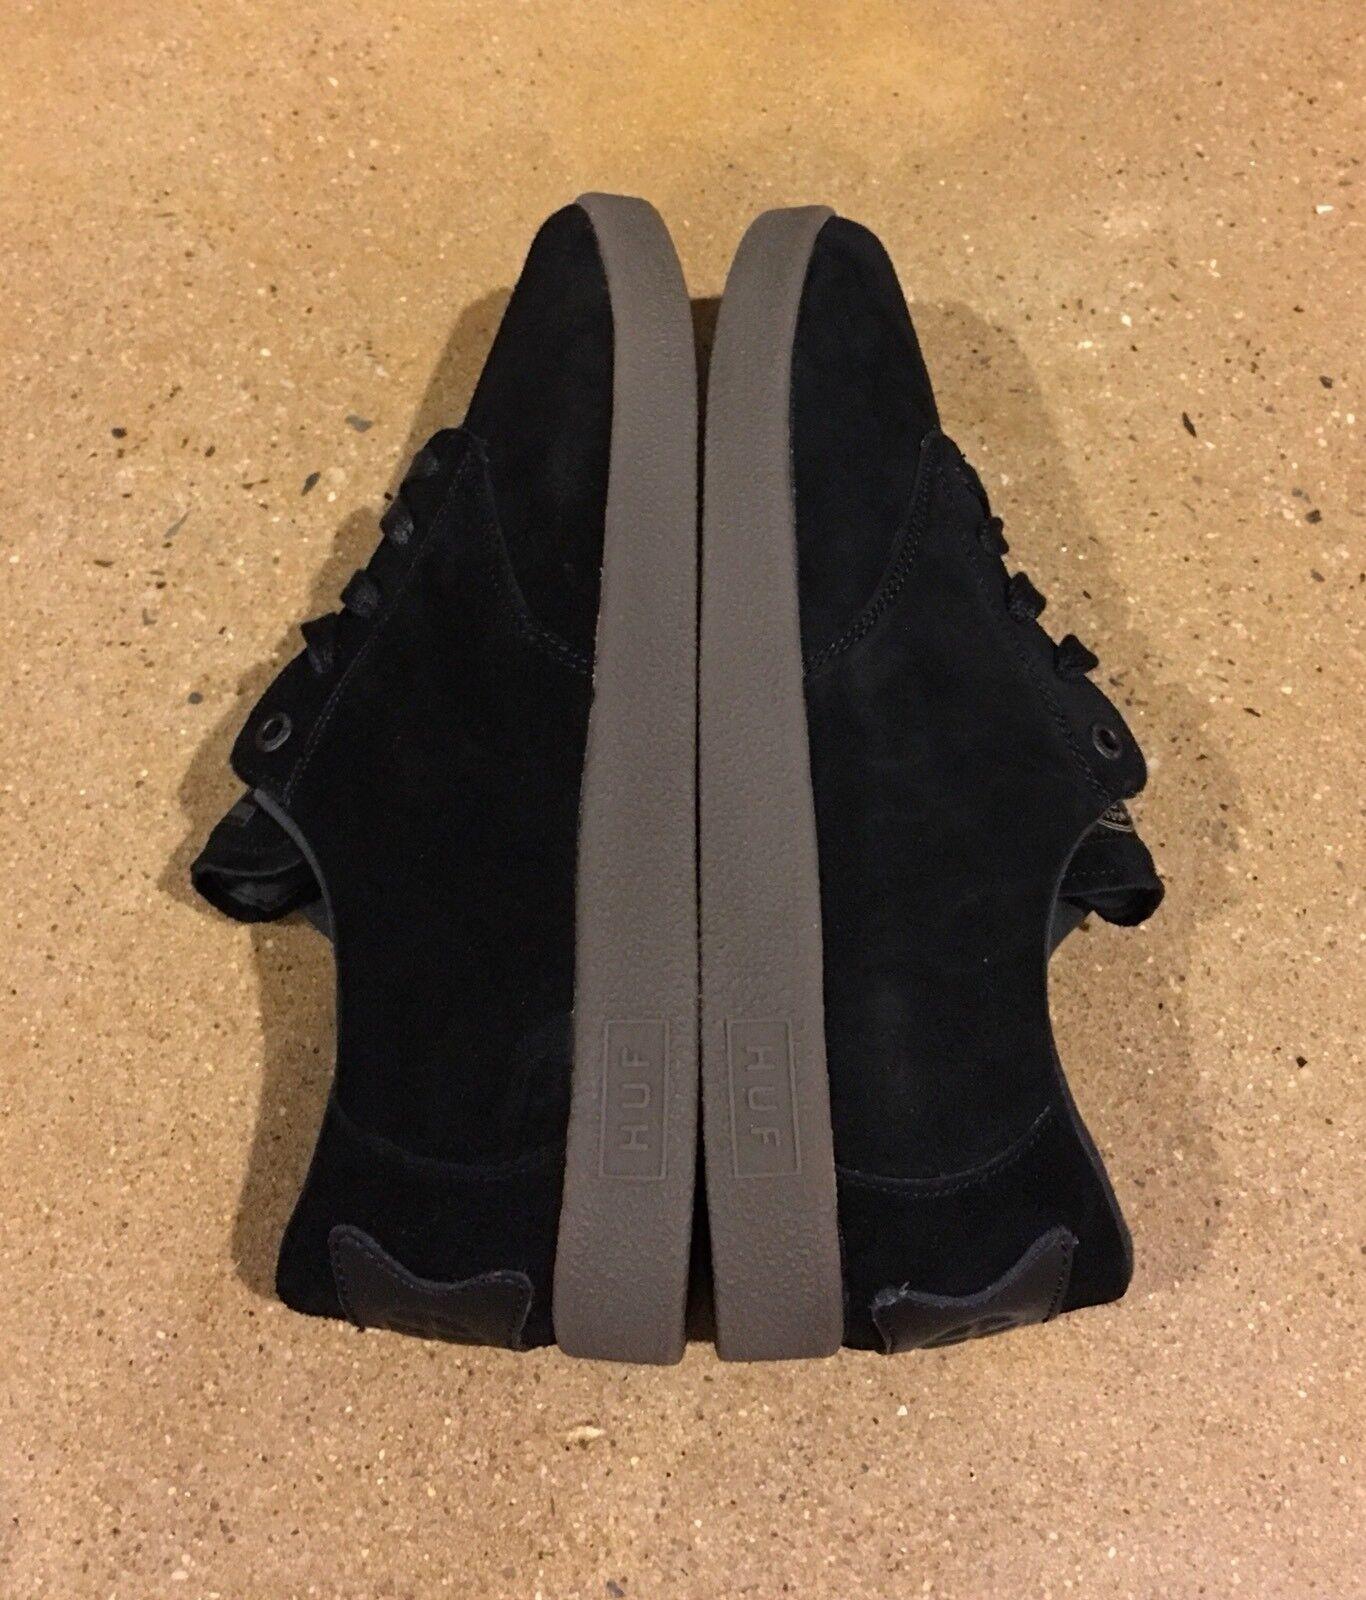 Huf Hufnagel Pro Size 9.5 US Black BMX DC Skate Shoes Keith Hufnagel Deadstock